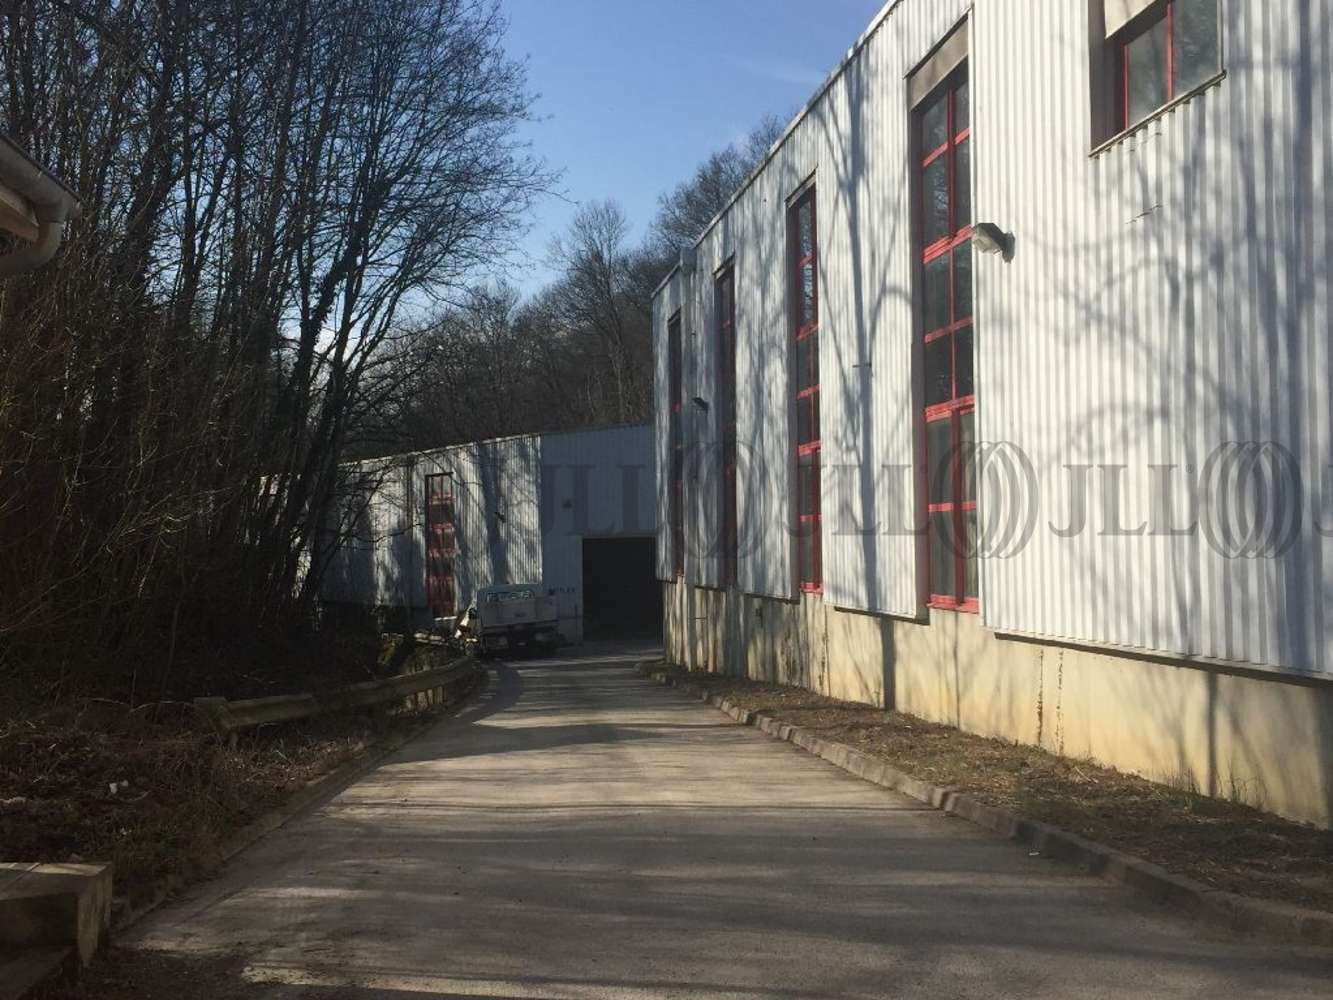 Activités/entrepôt Fontaines st martin, 69270 - Entrepot à vendre Lyon Nord (Fontaines) - 9482052